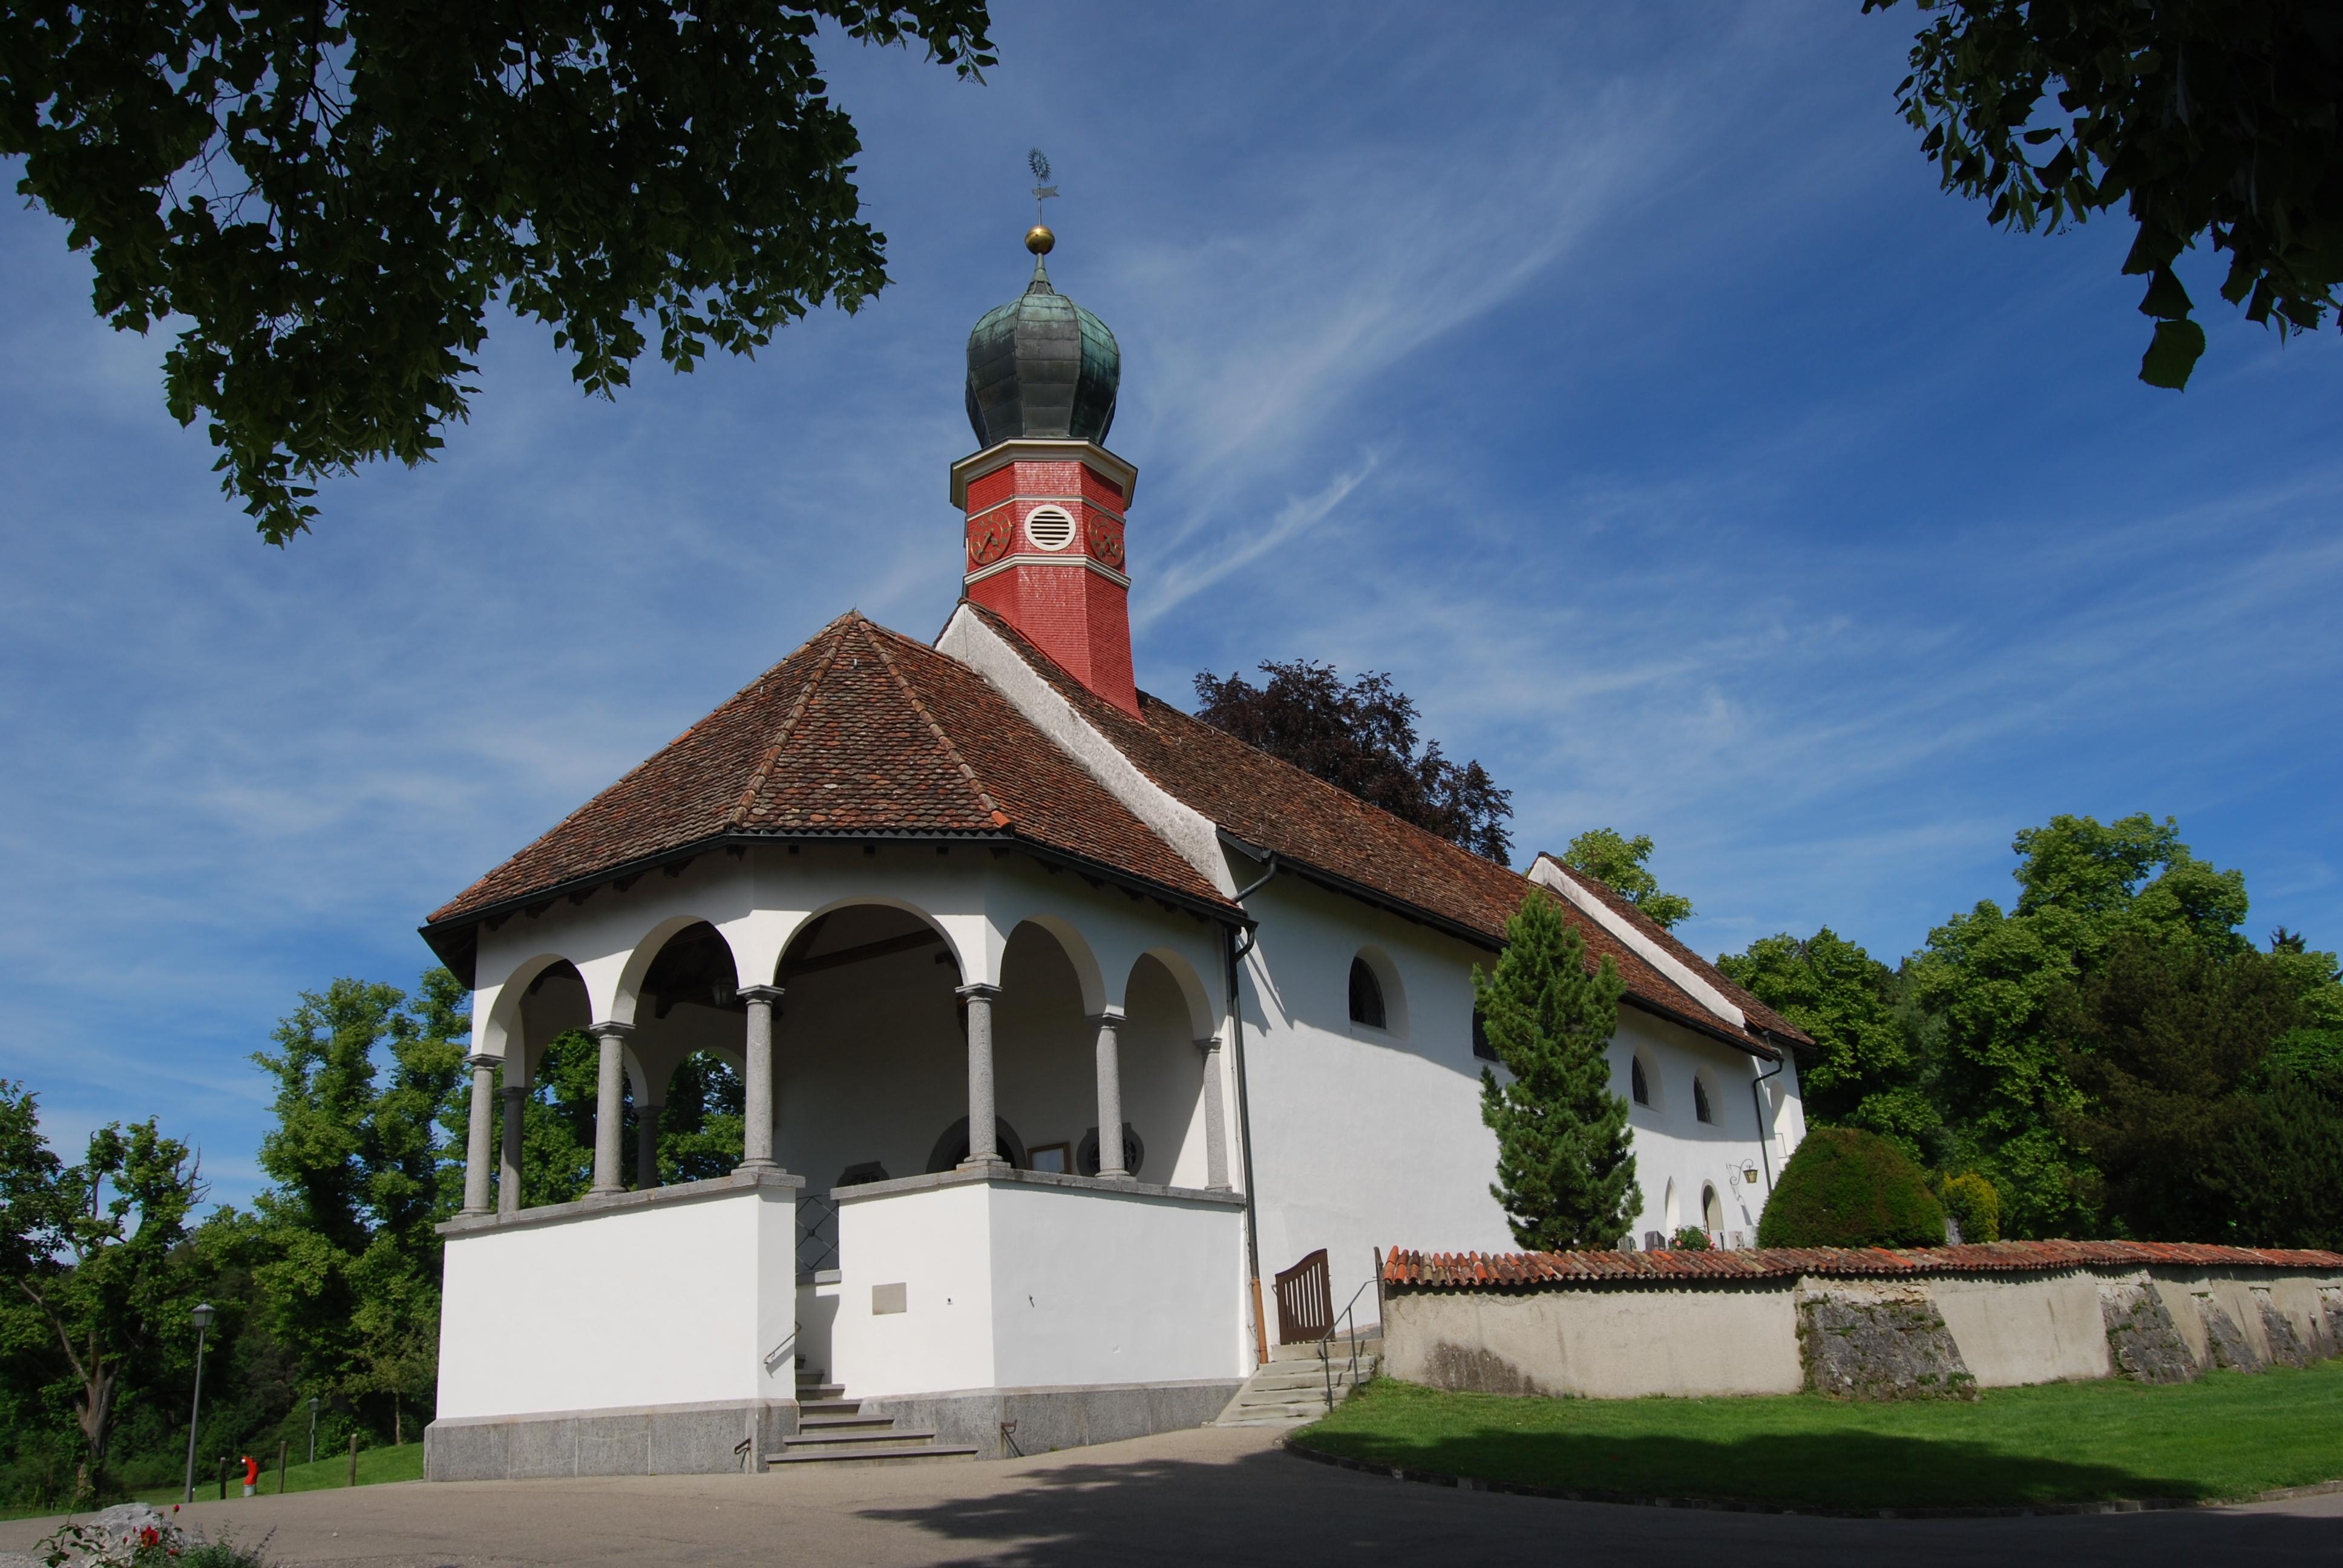 Bildergebnis für dreibrunnen kapelle